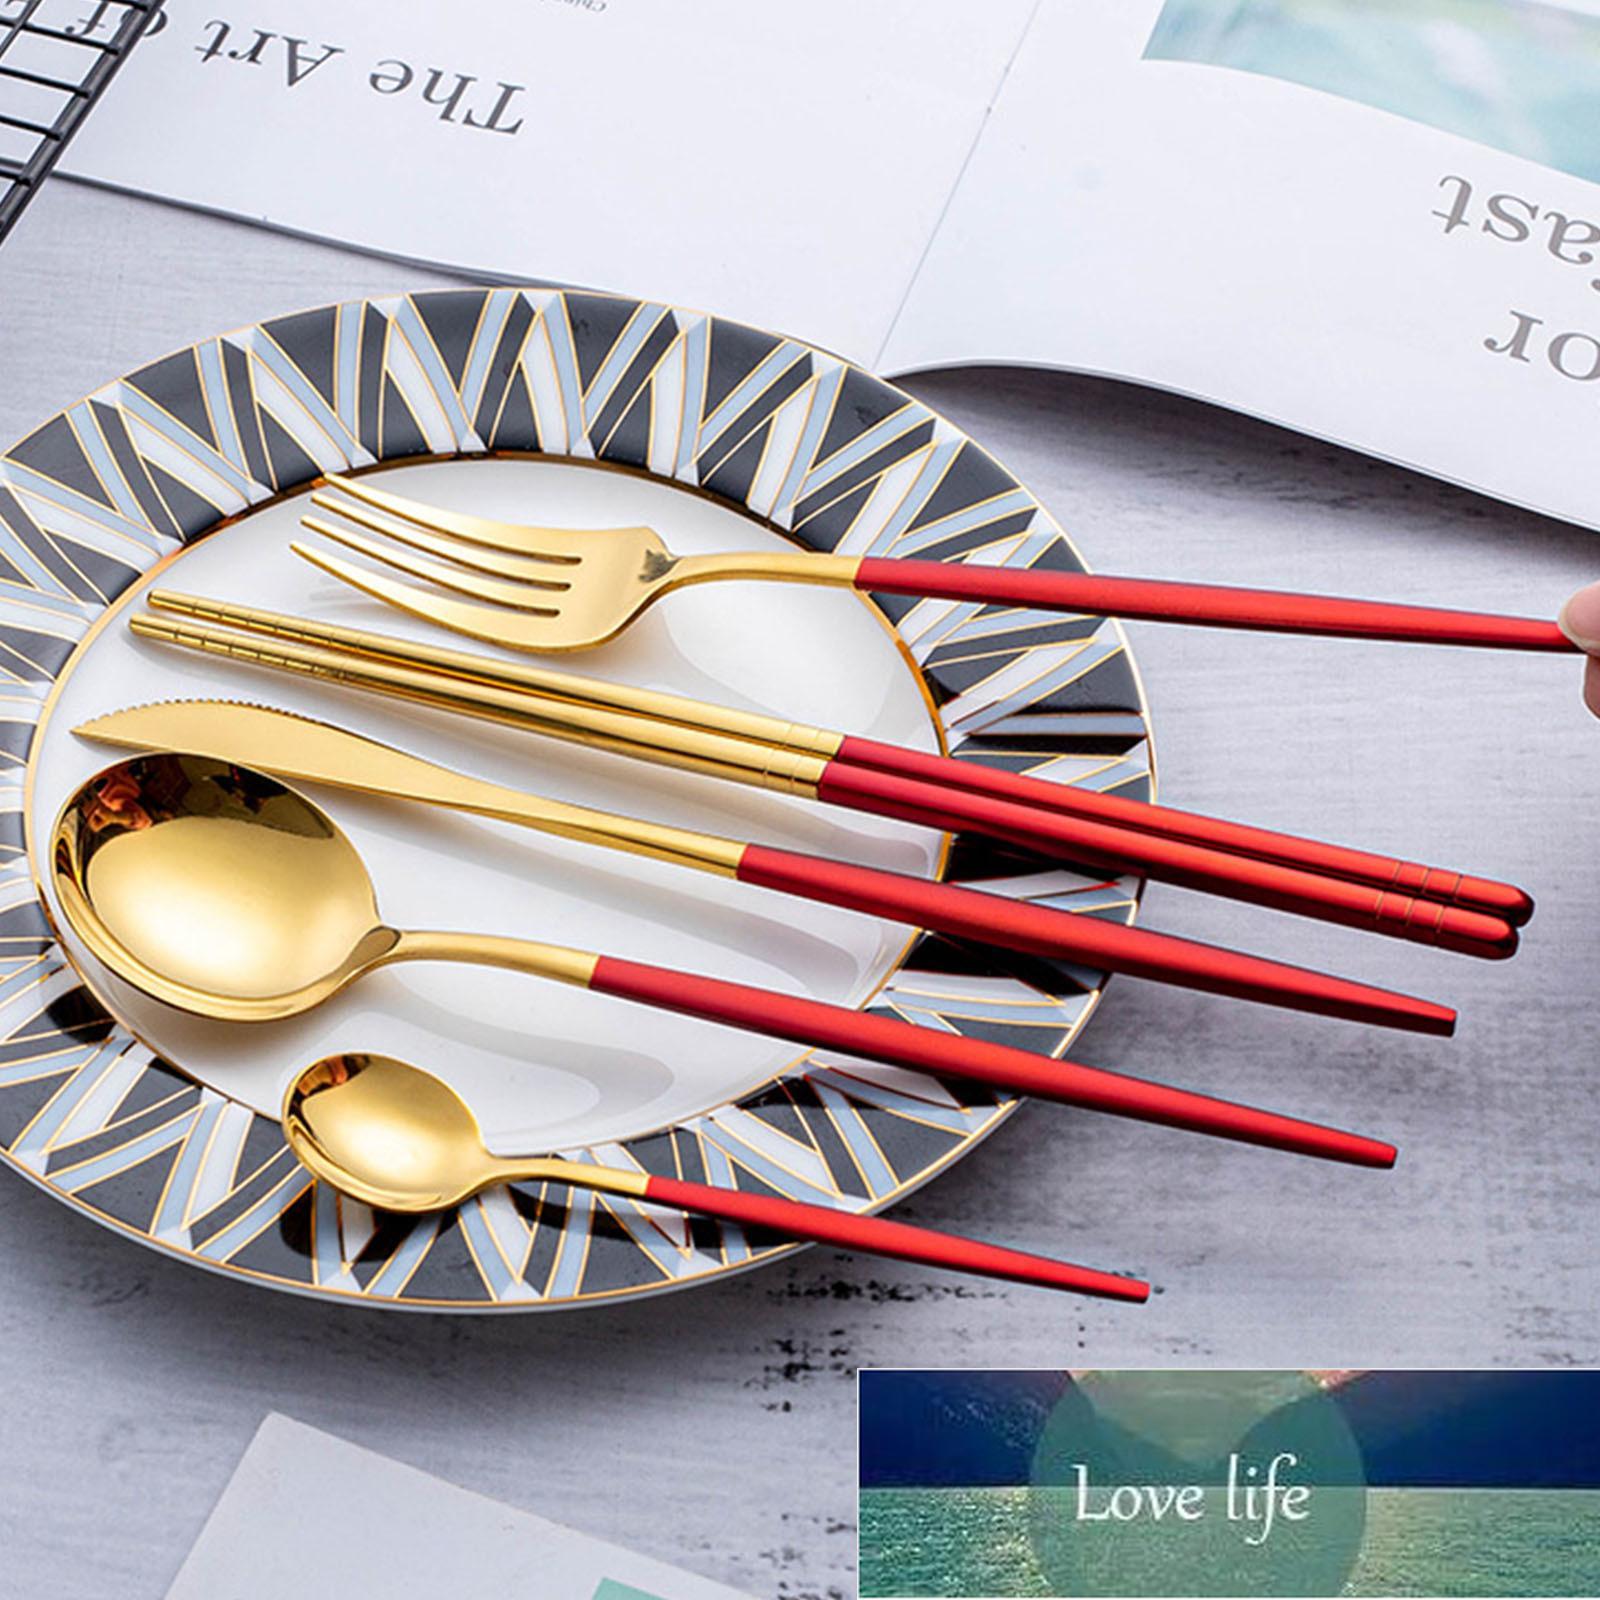 식기 5 피스 세트 나이프 포크 숟가락 젓가락 차 숟가락 스테인레스 스틸 포르투갈어 식기 식기 새로운 1set 공장 가격 전문가 디자인 품질 최신 스타일